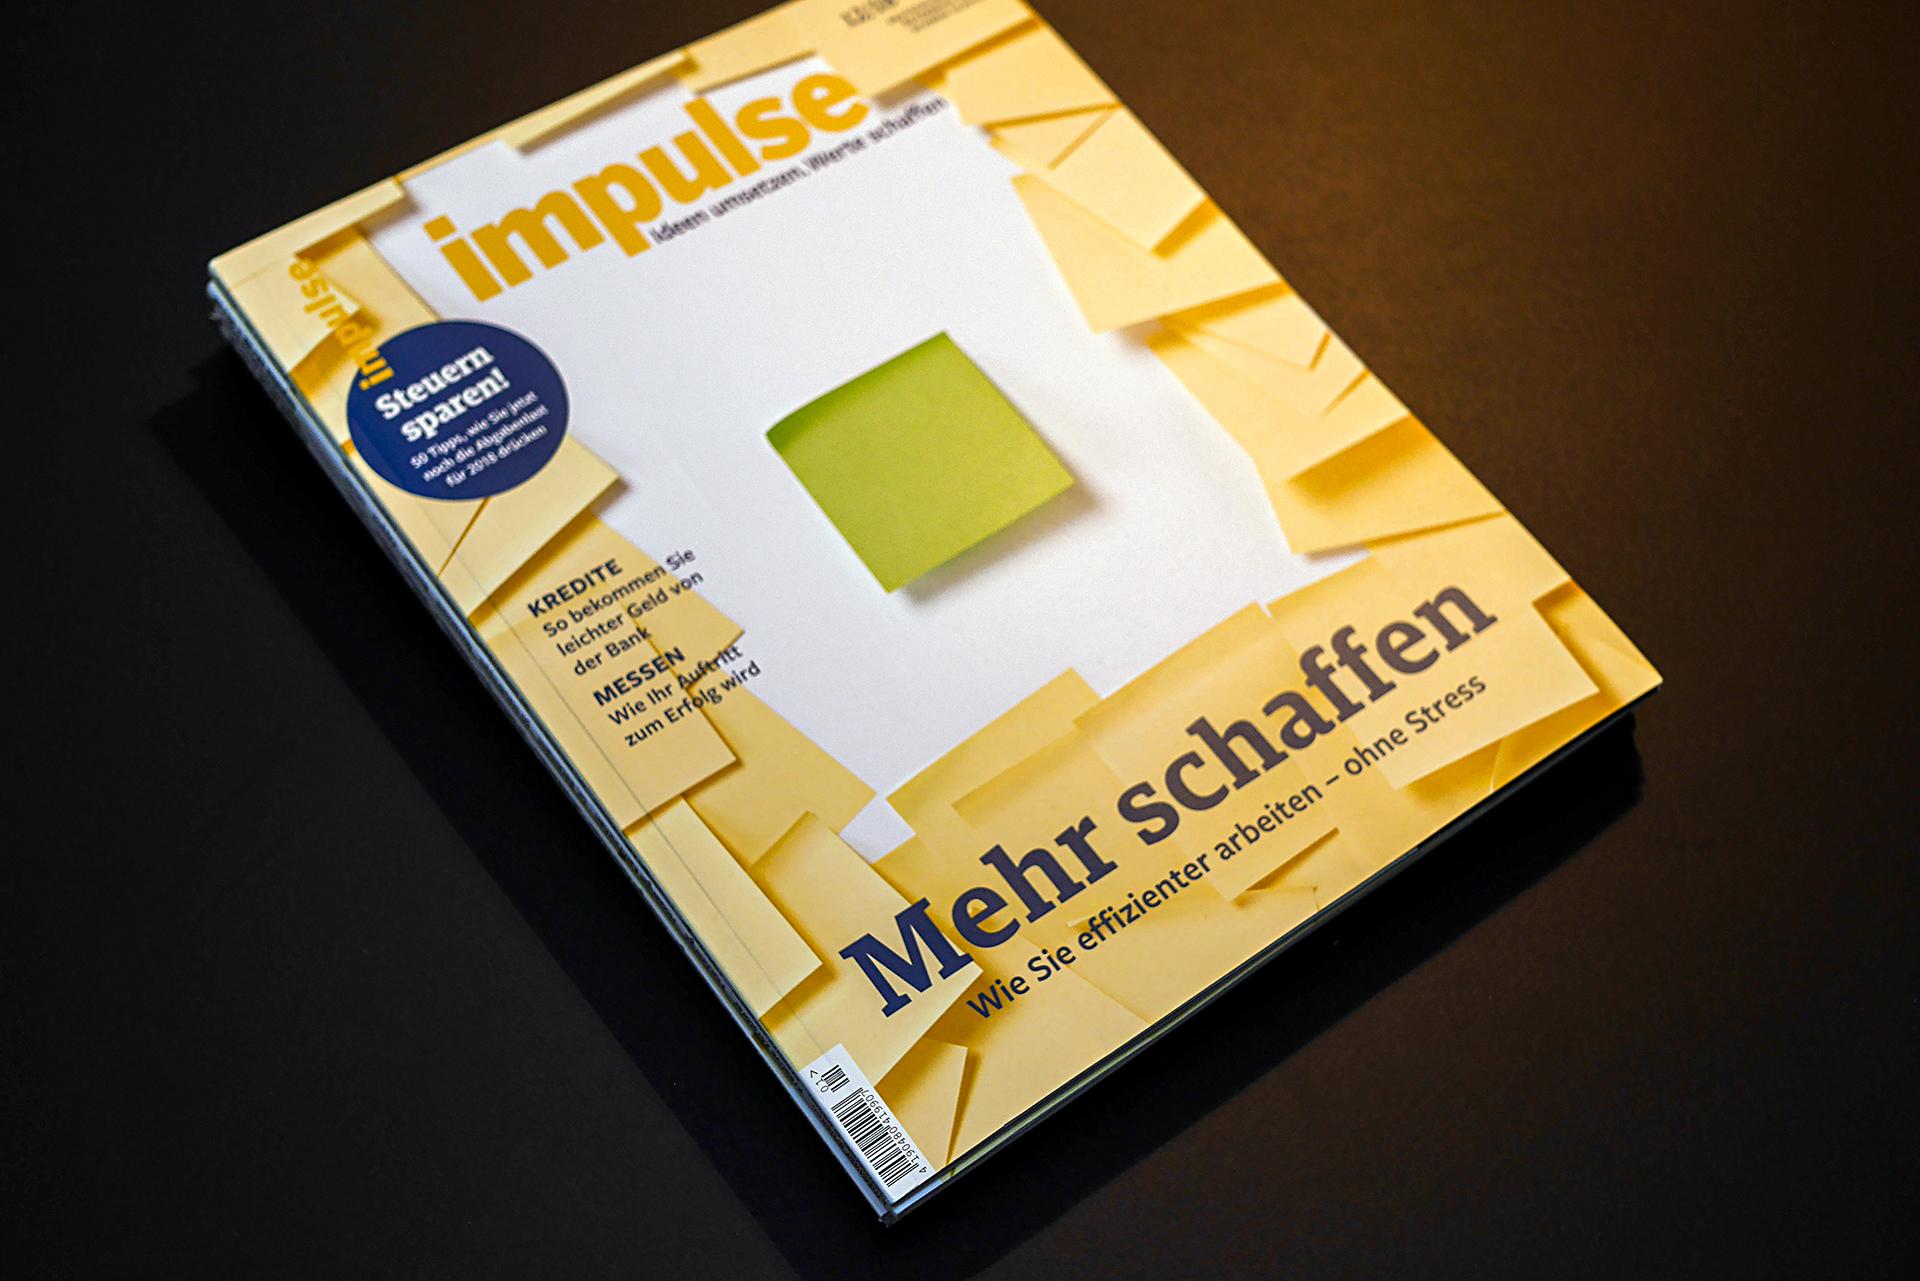 20181207_KLEINKARIERT_Impulse_P1520079_1920px_300dpi